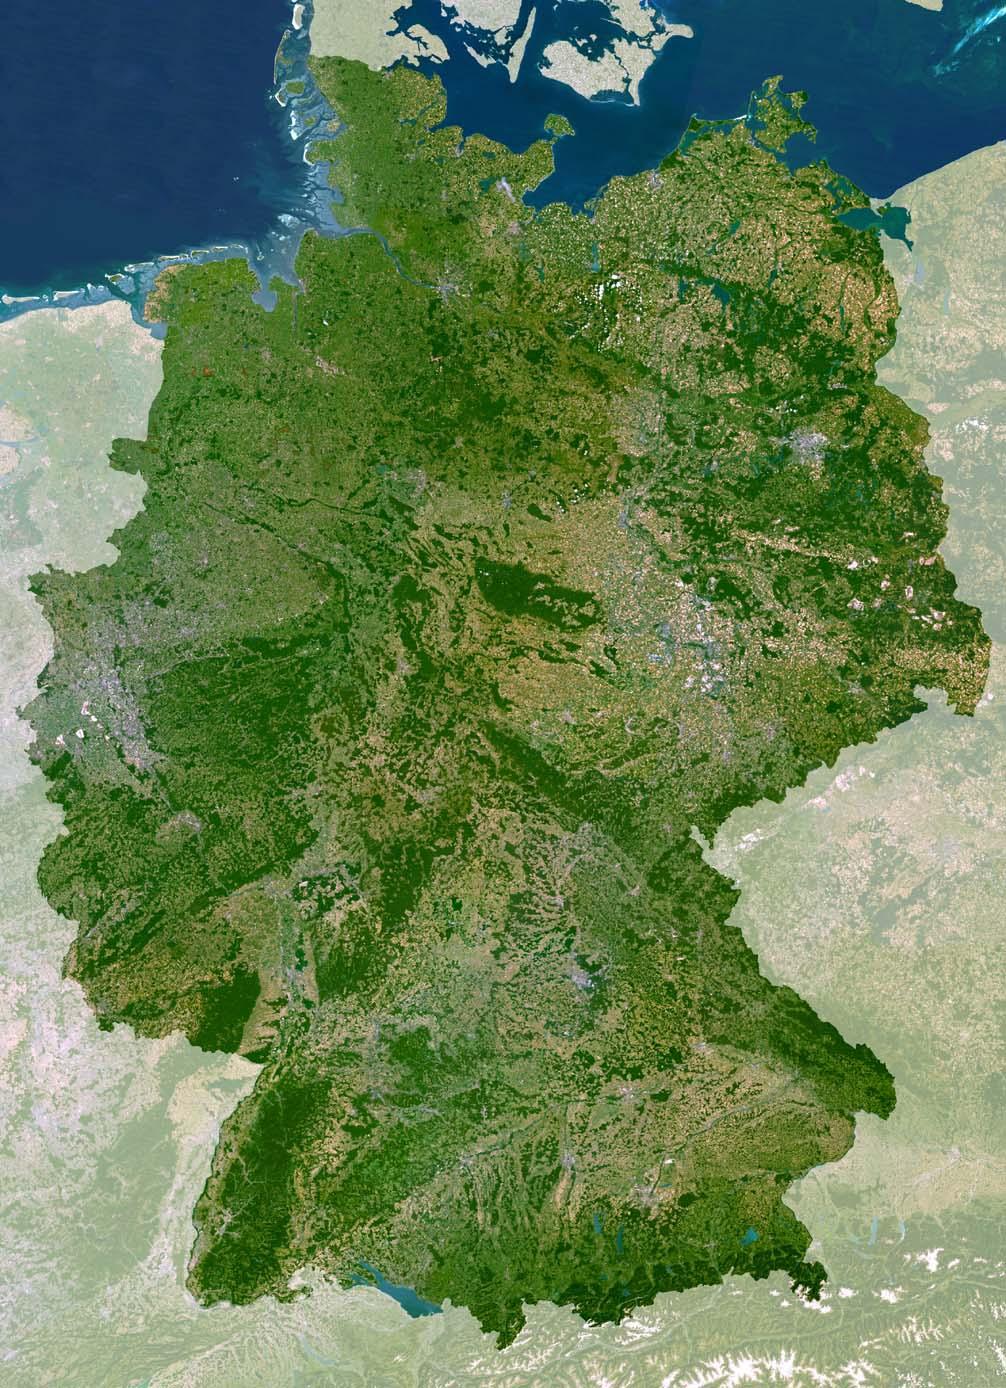 Mapa satelital de Alemania